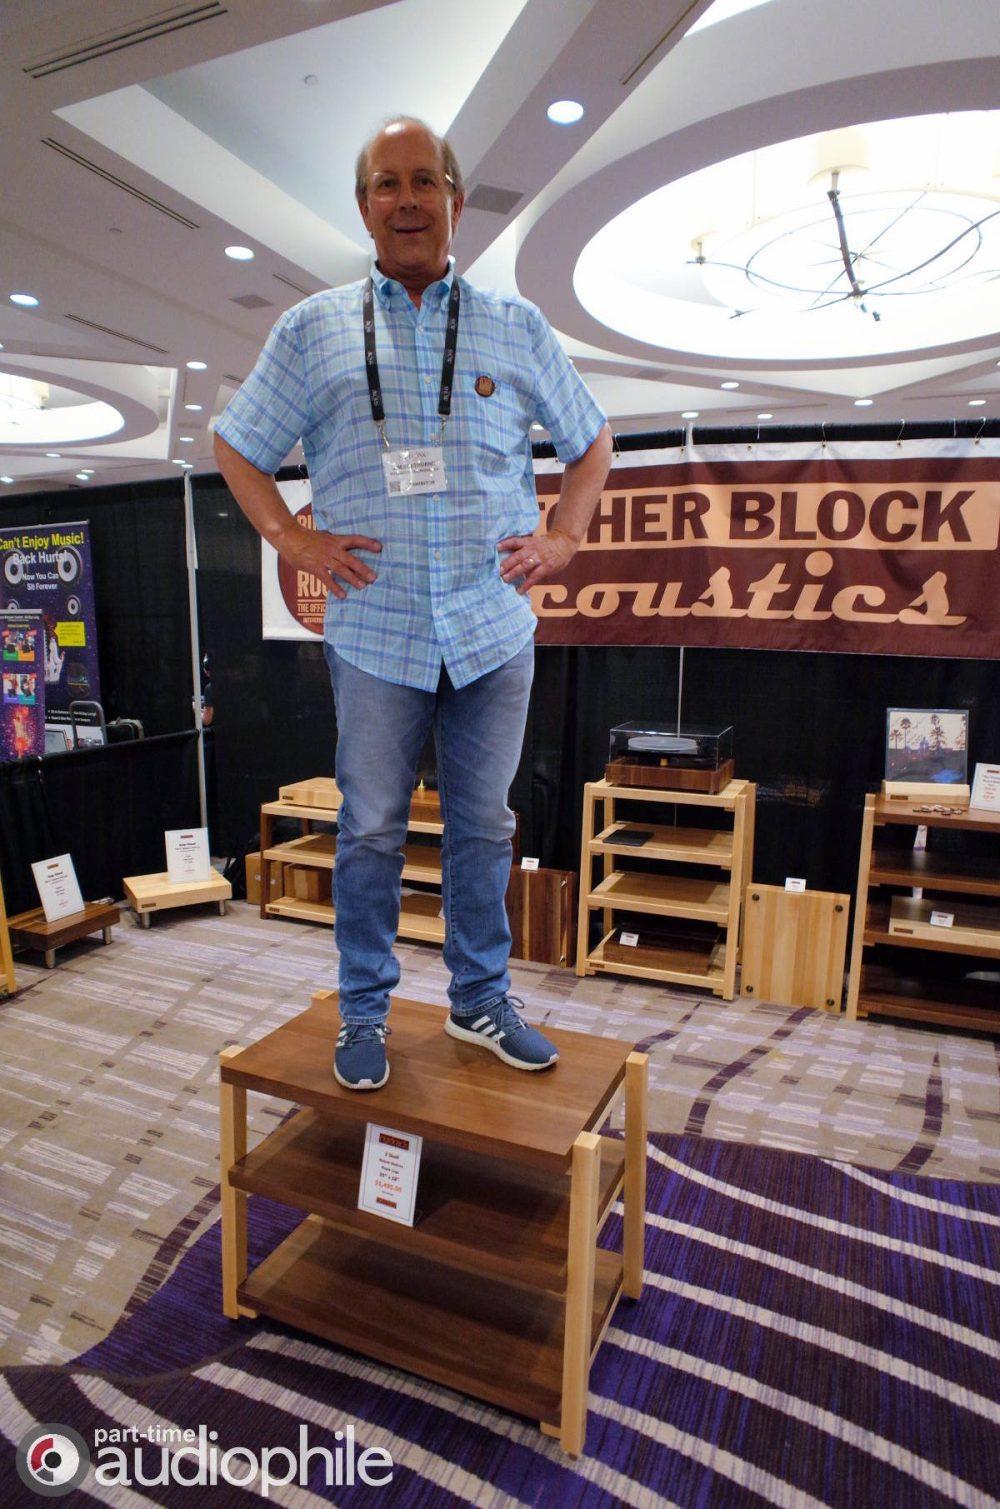 Butcher Block Acoustics The Show 2019